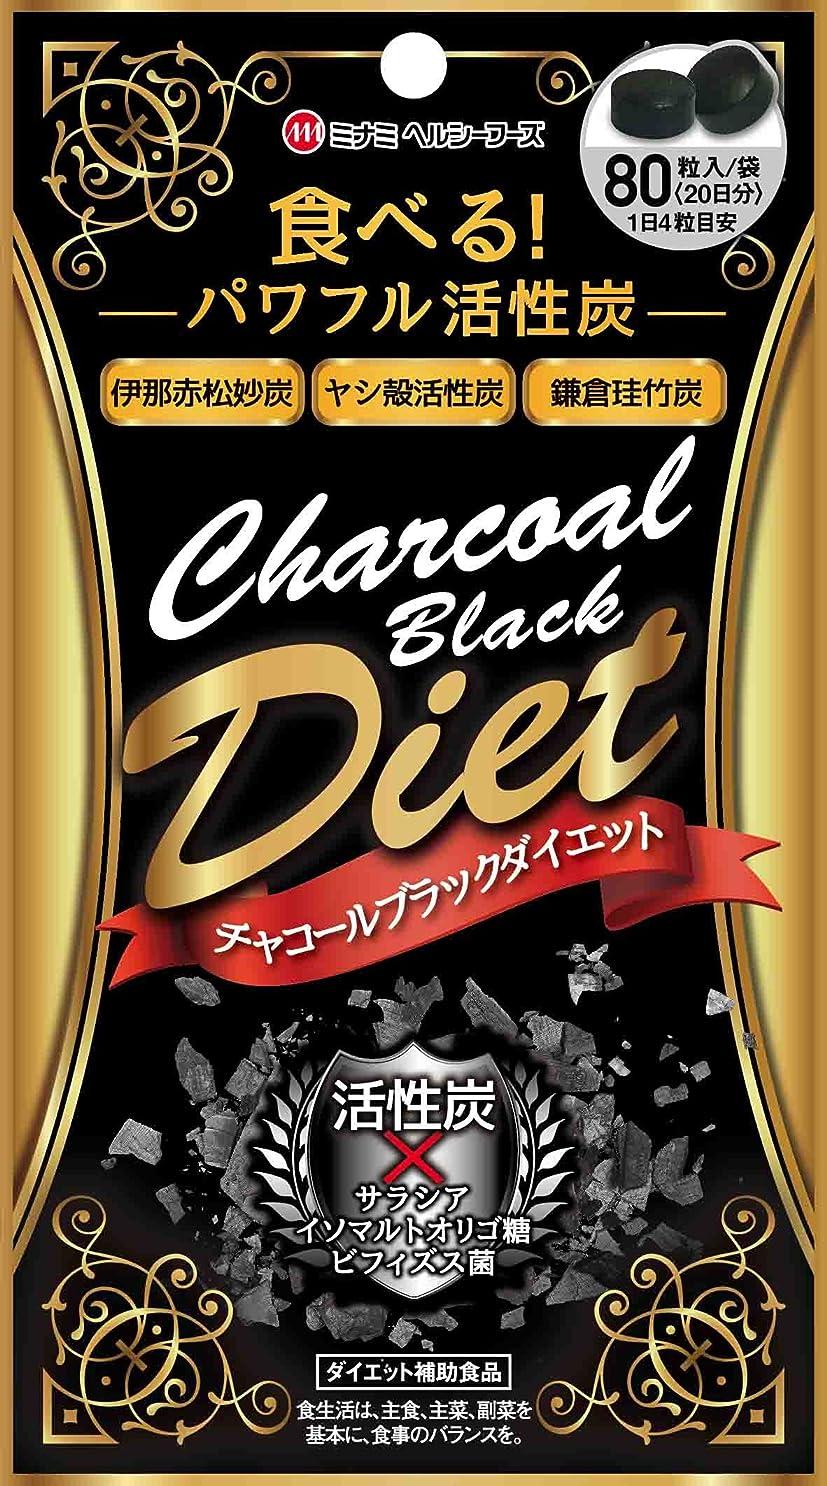 知覚ステレオペルーミナミヘルシーフーズ チャコールブラックダイエット 80粒入